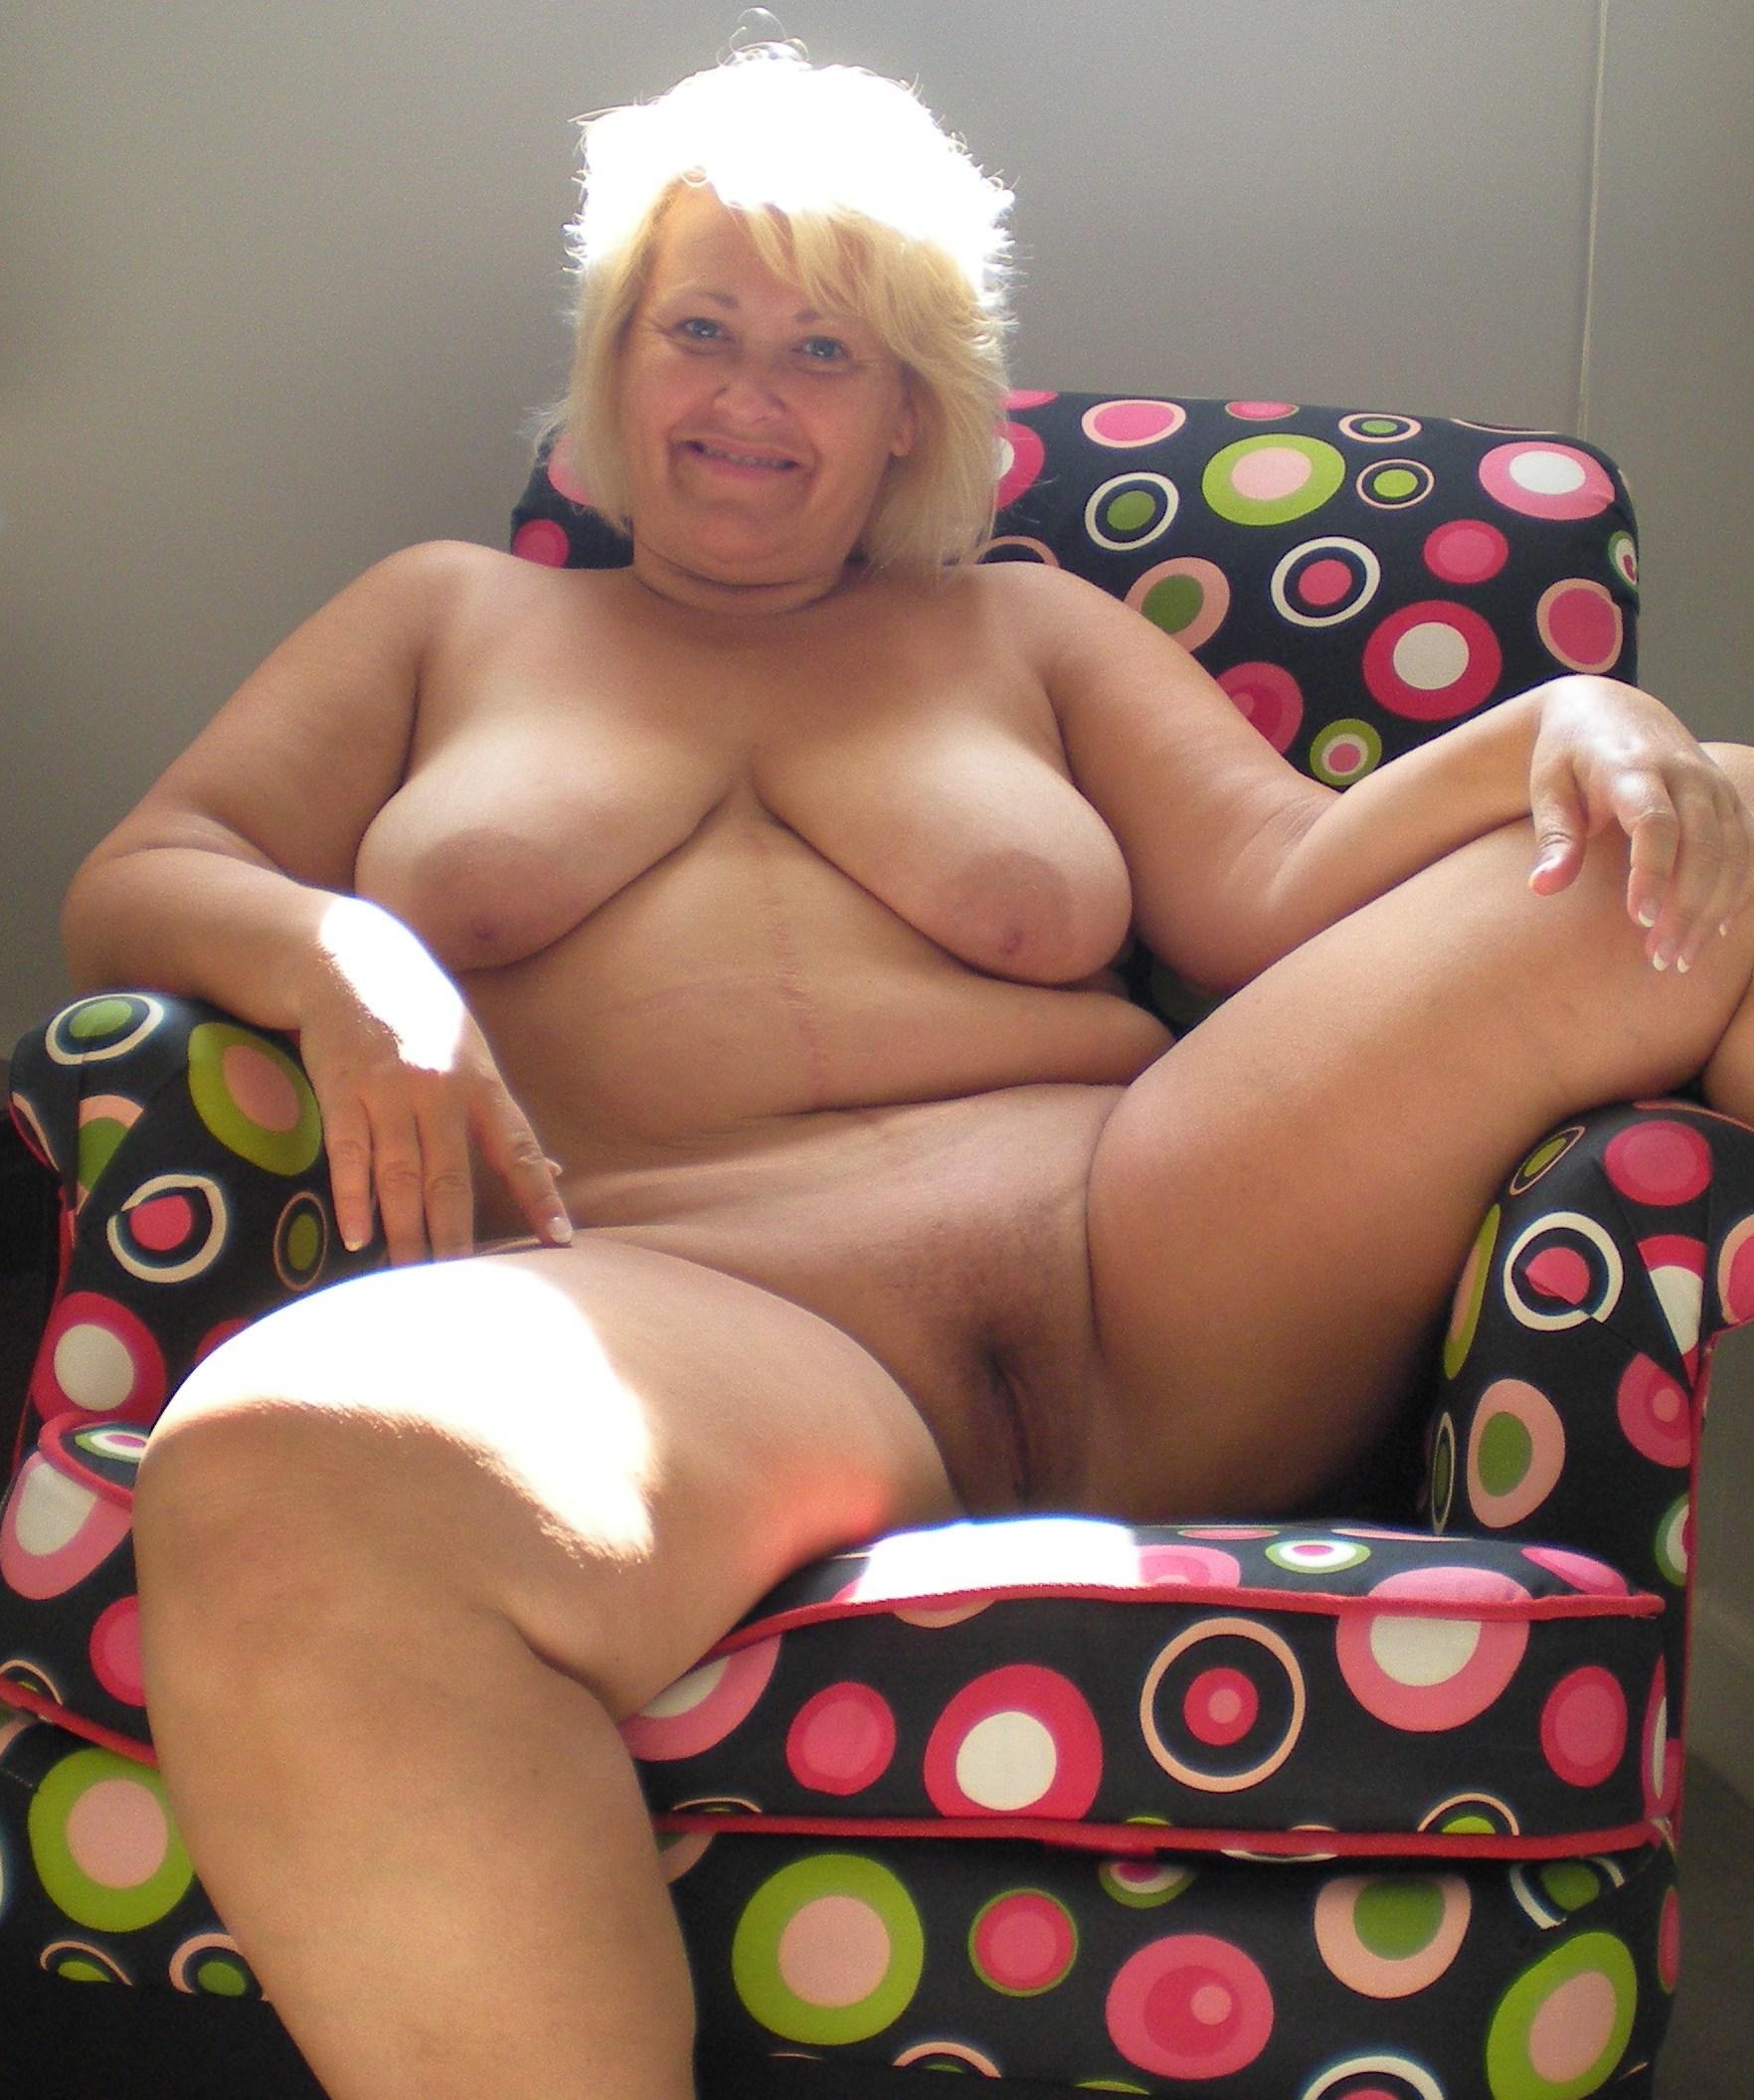 Эротические фото старушек бесплатно